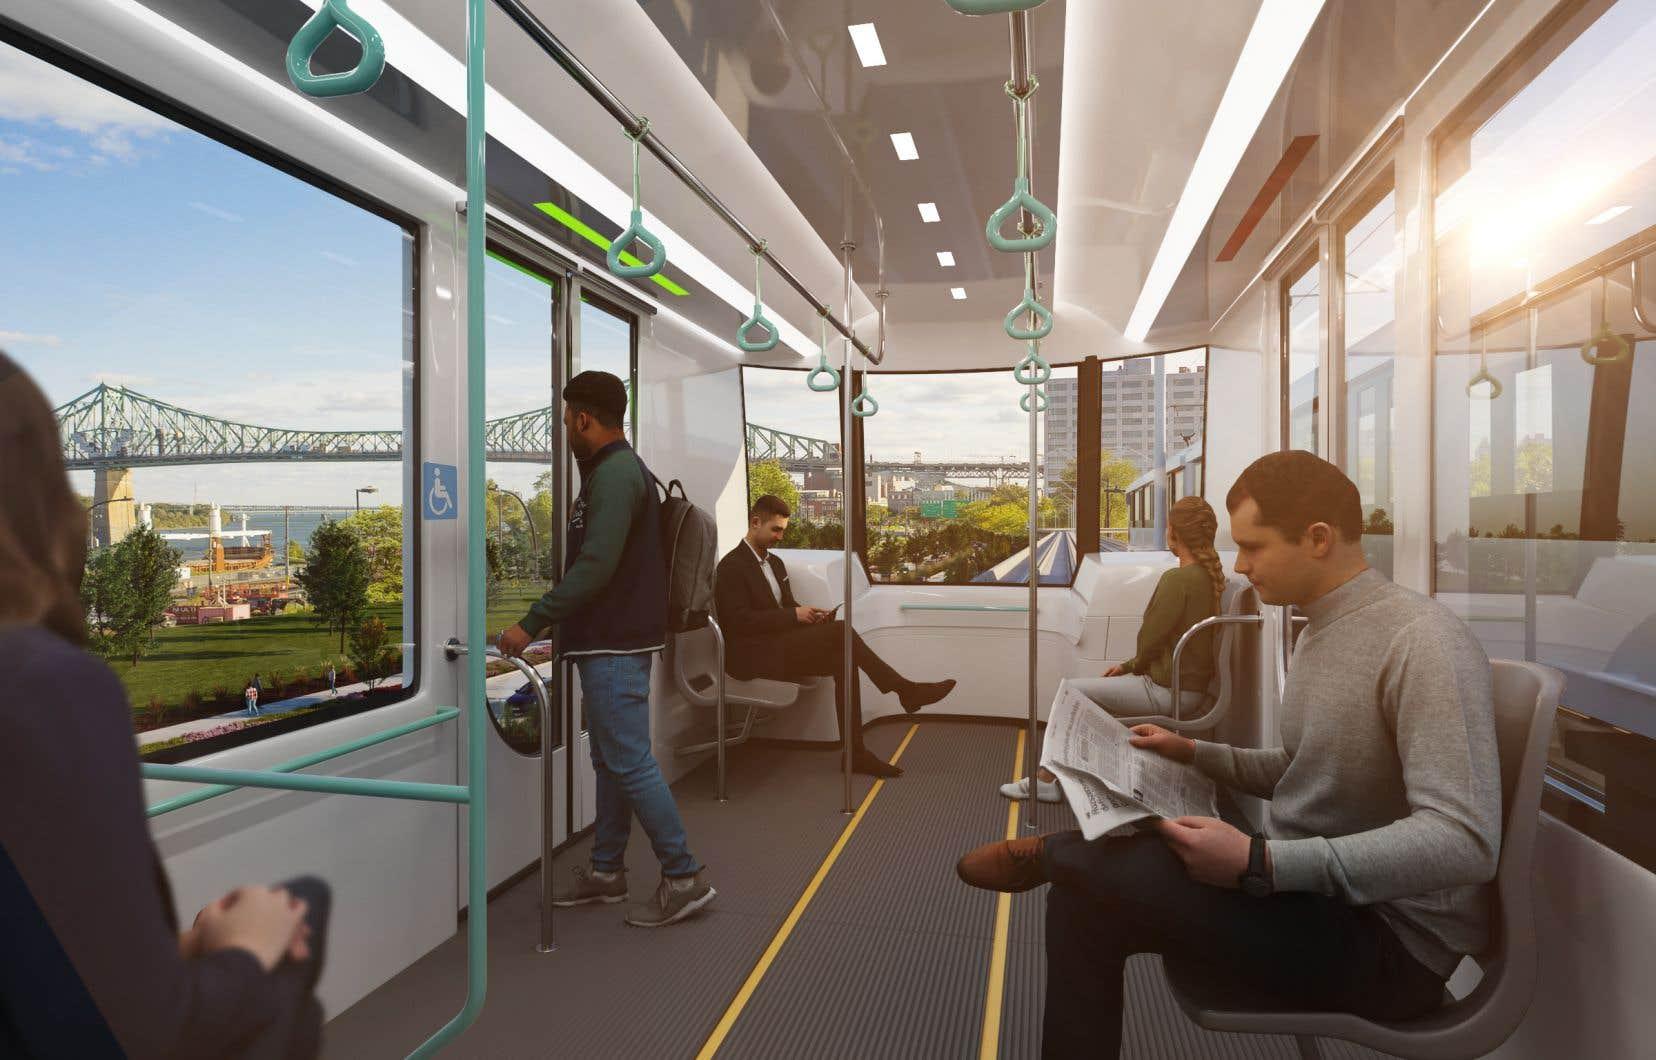 «Le paysage est vu comme un atout pour le projet, mais seulement pour ceux qui seront dans le train», écrit l'autrice.